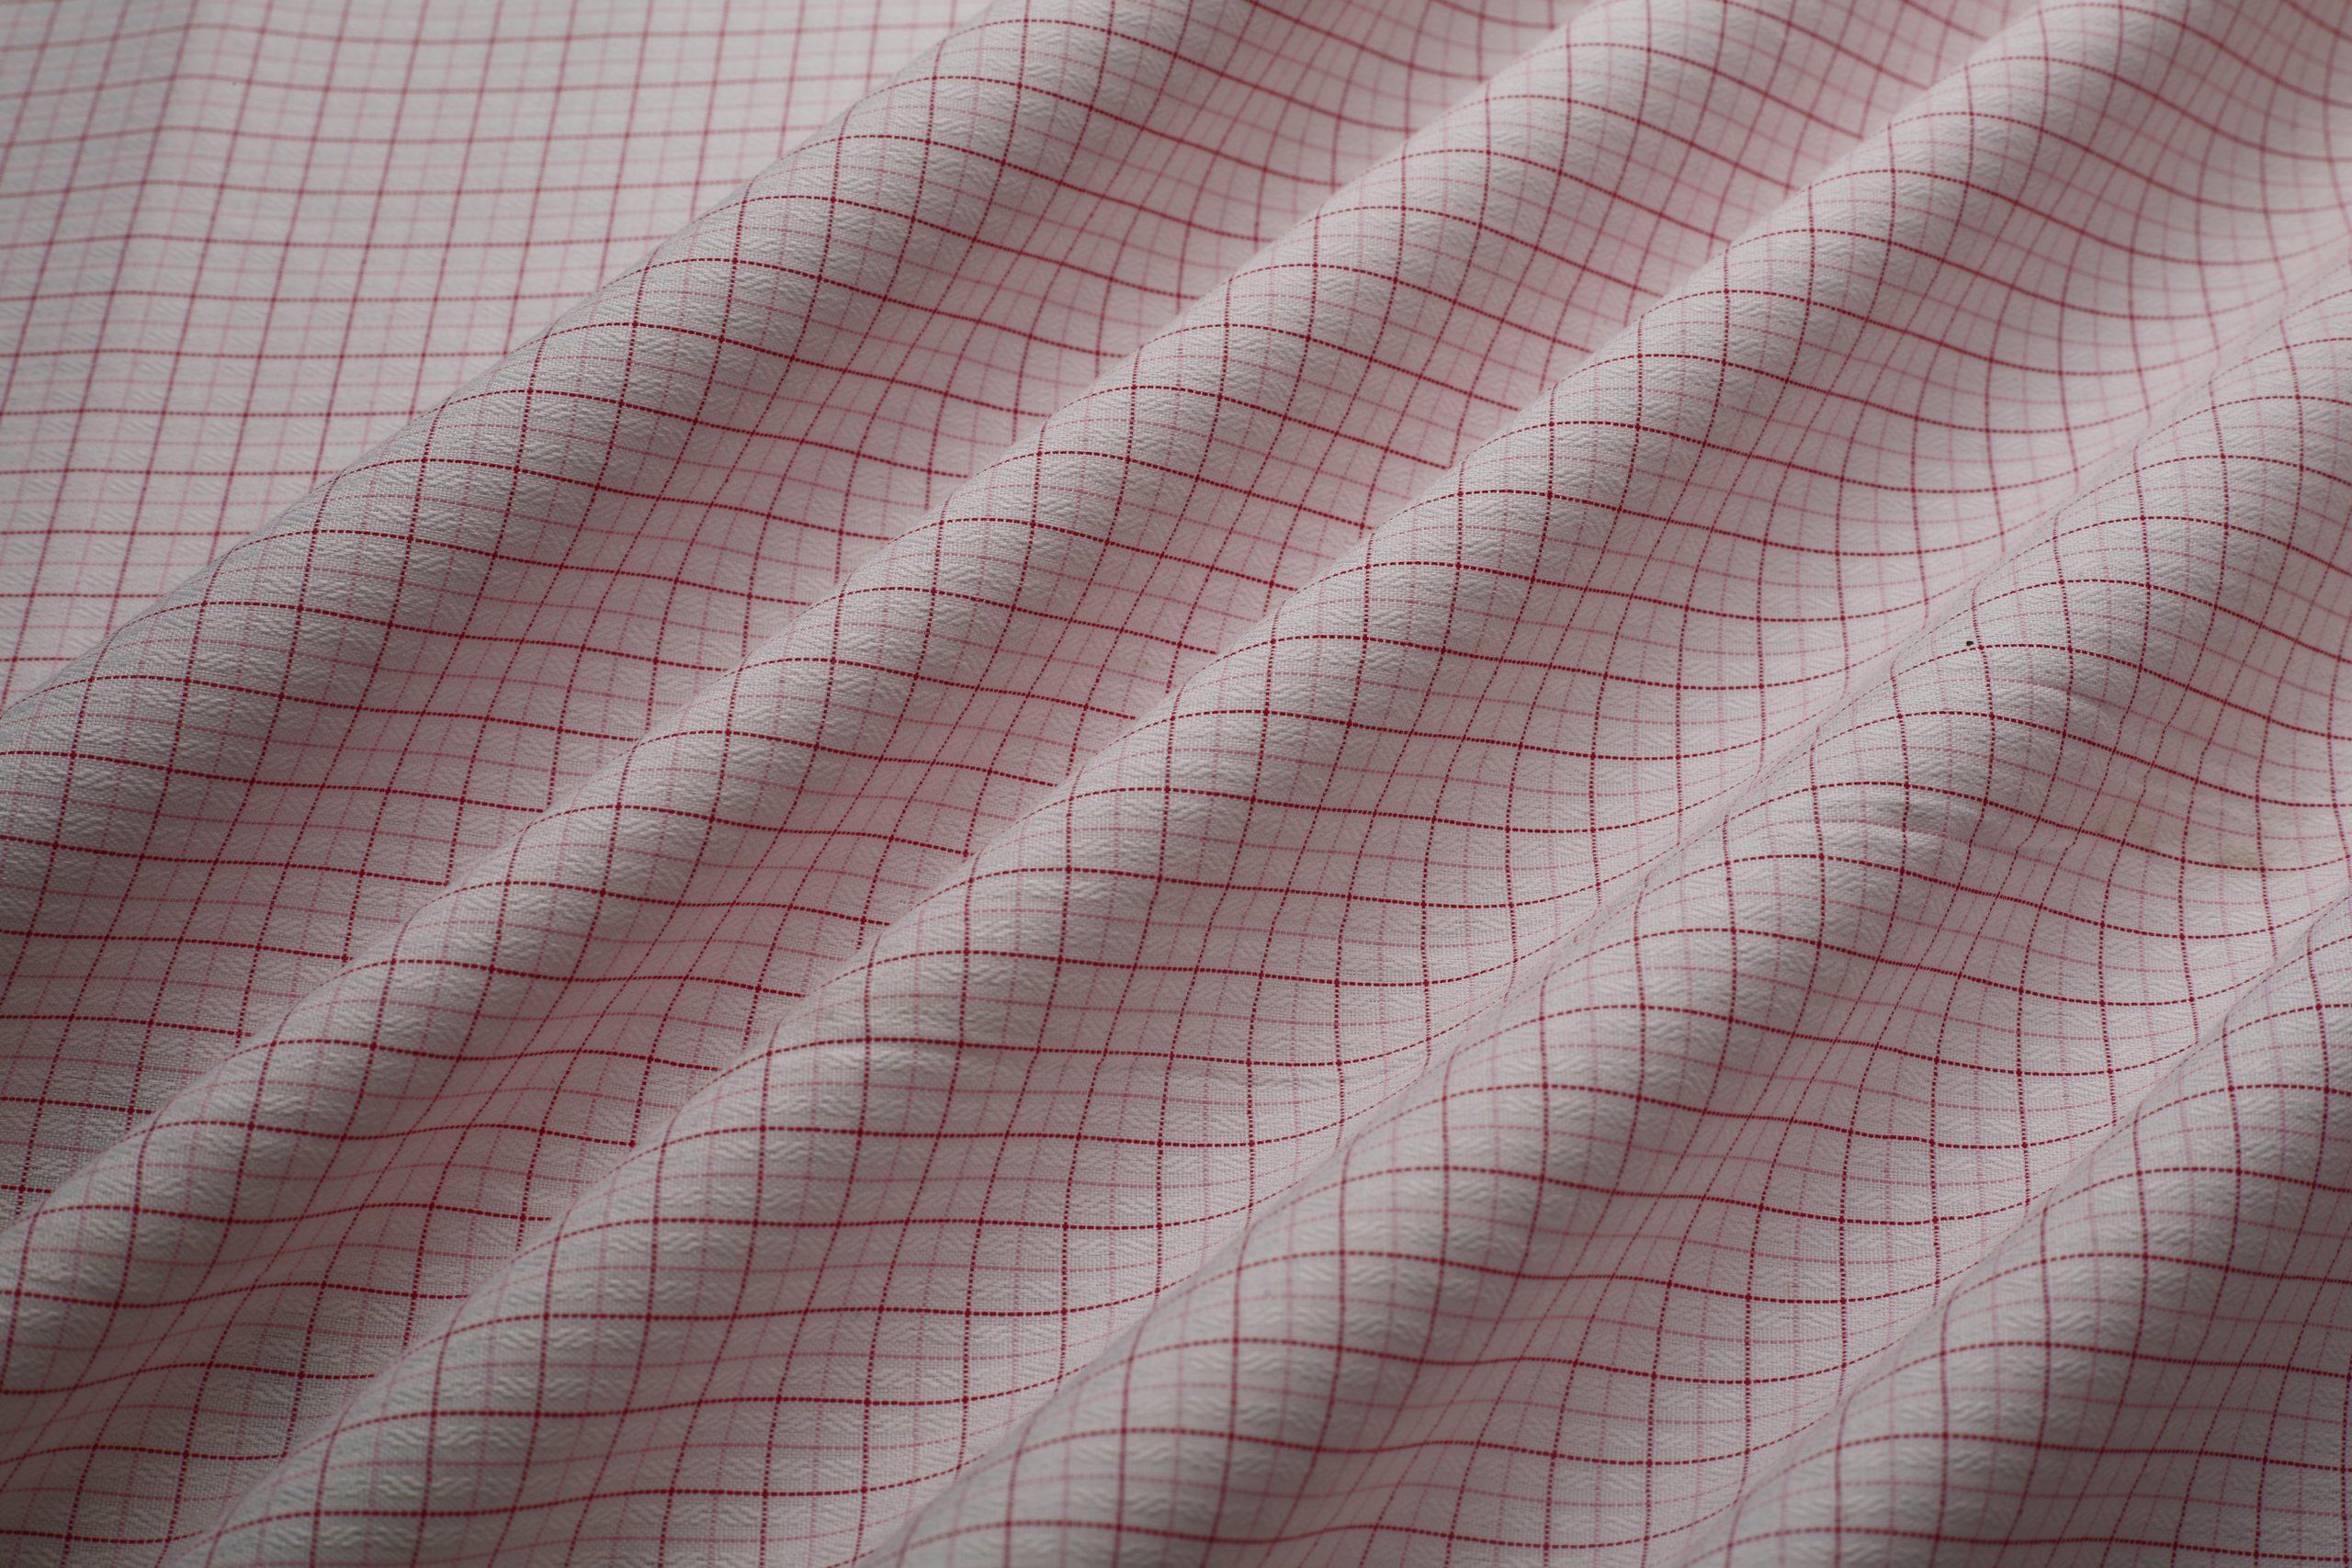 dobby check shirt fabric